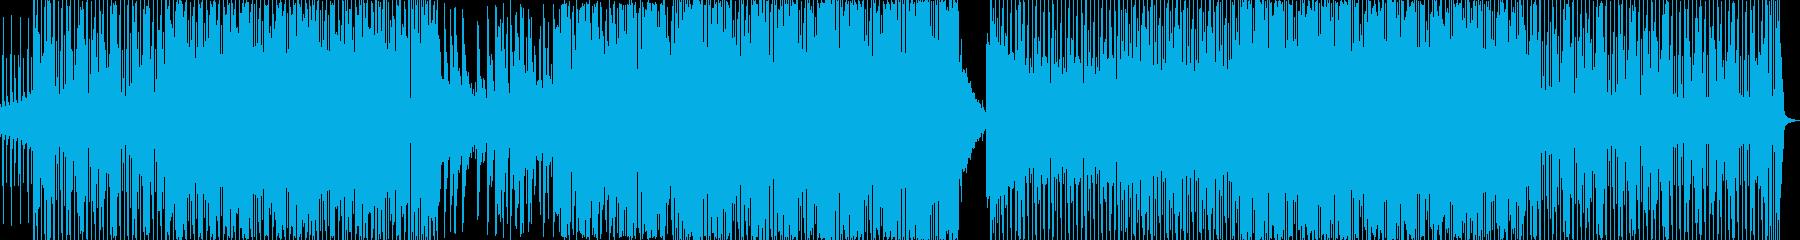 喫茶店・アパレル系のハウスミュージックの再生済みの波形